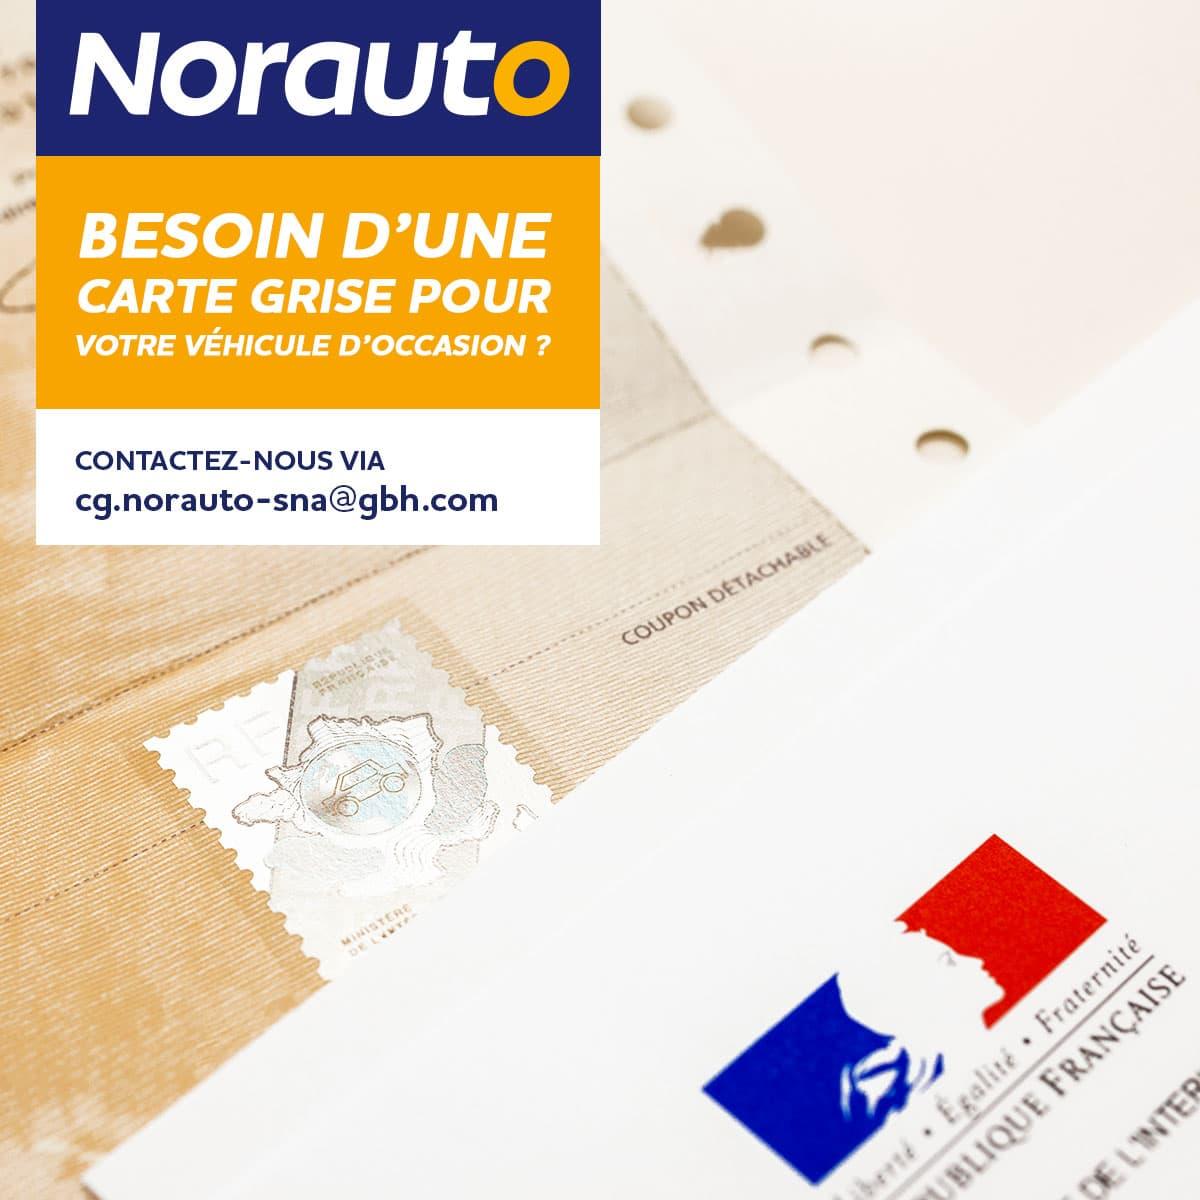 NORAUTO-1200x1200px-Aout2020-POST1